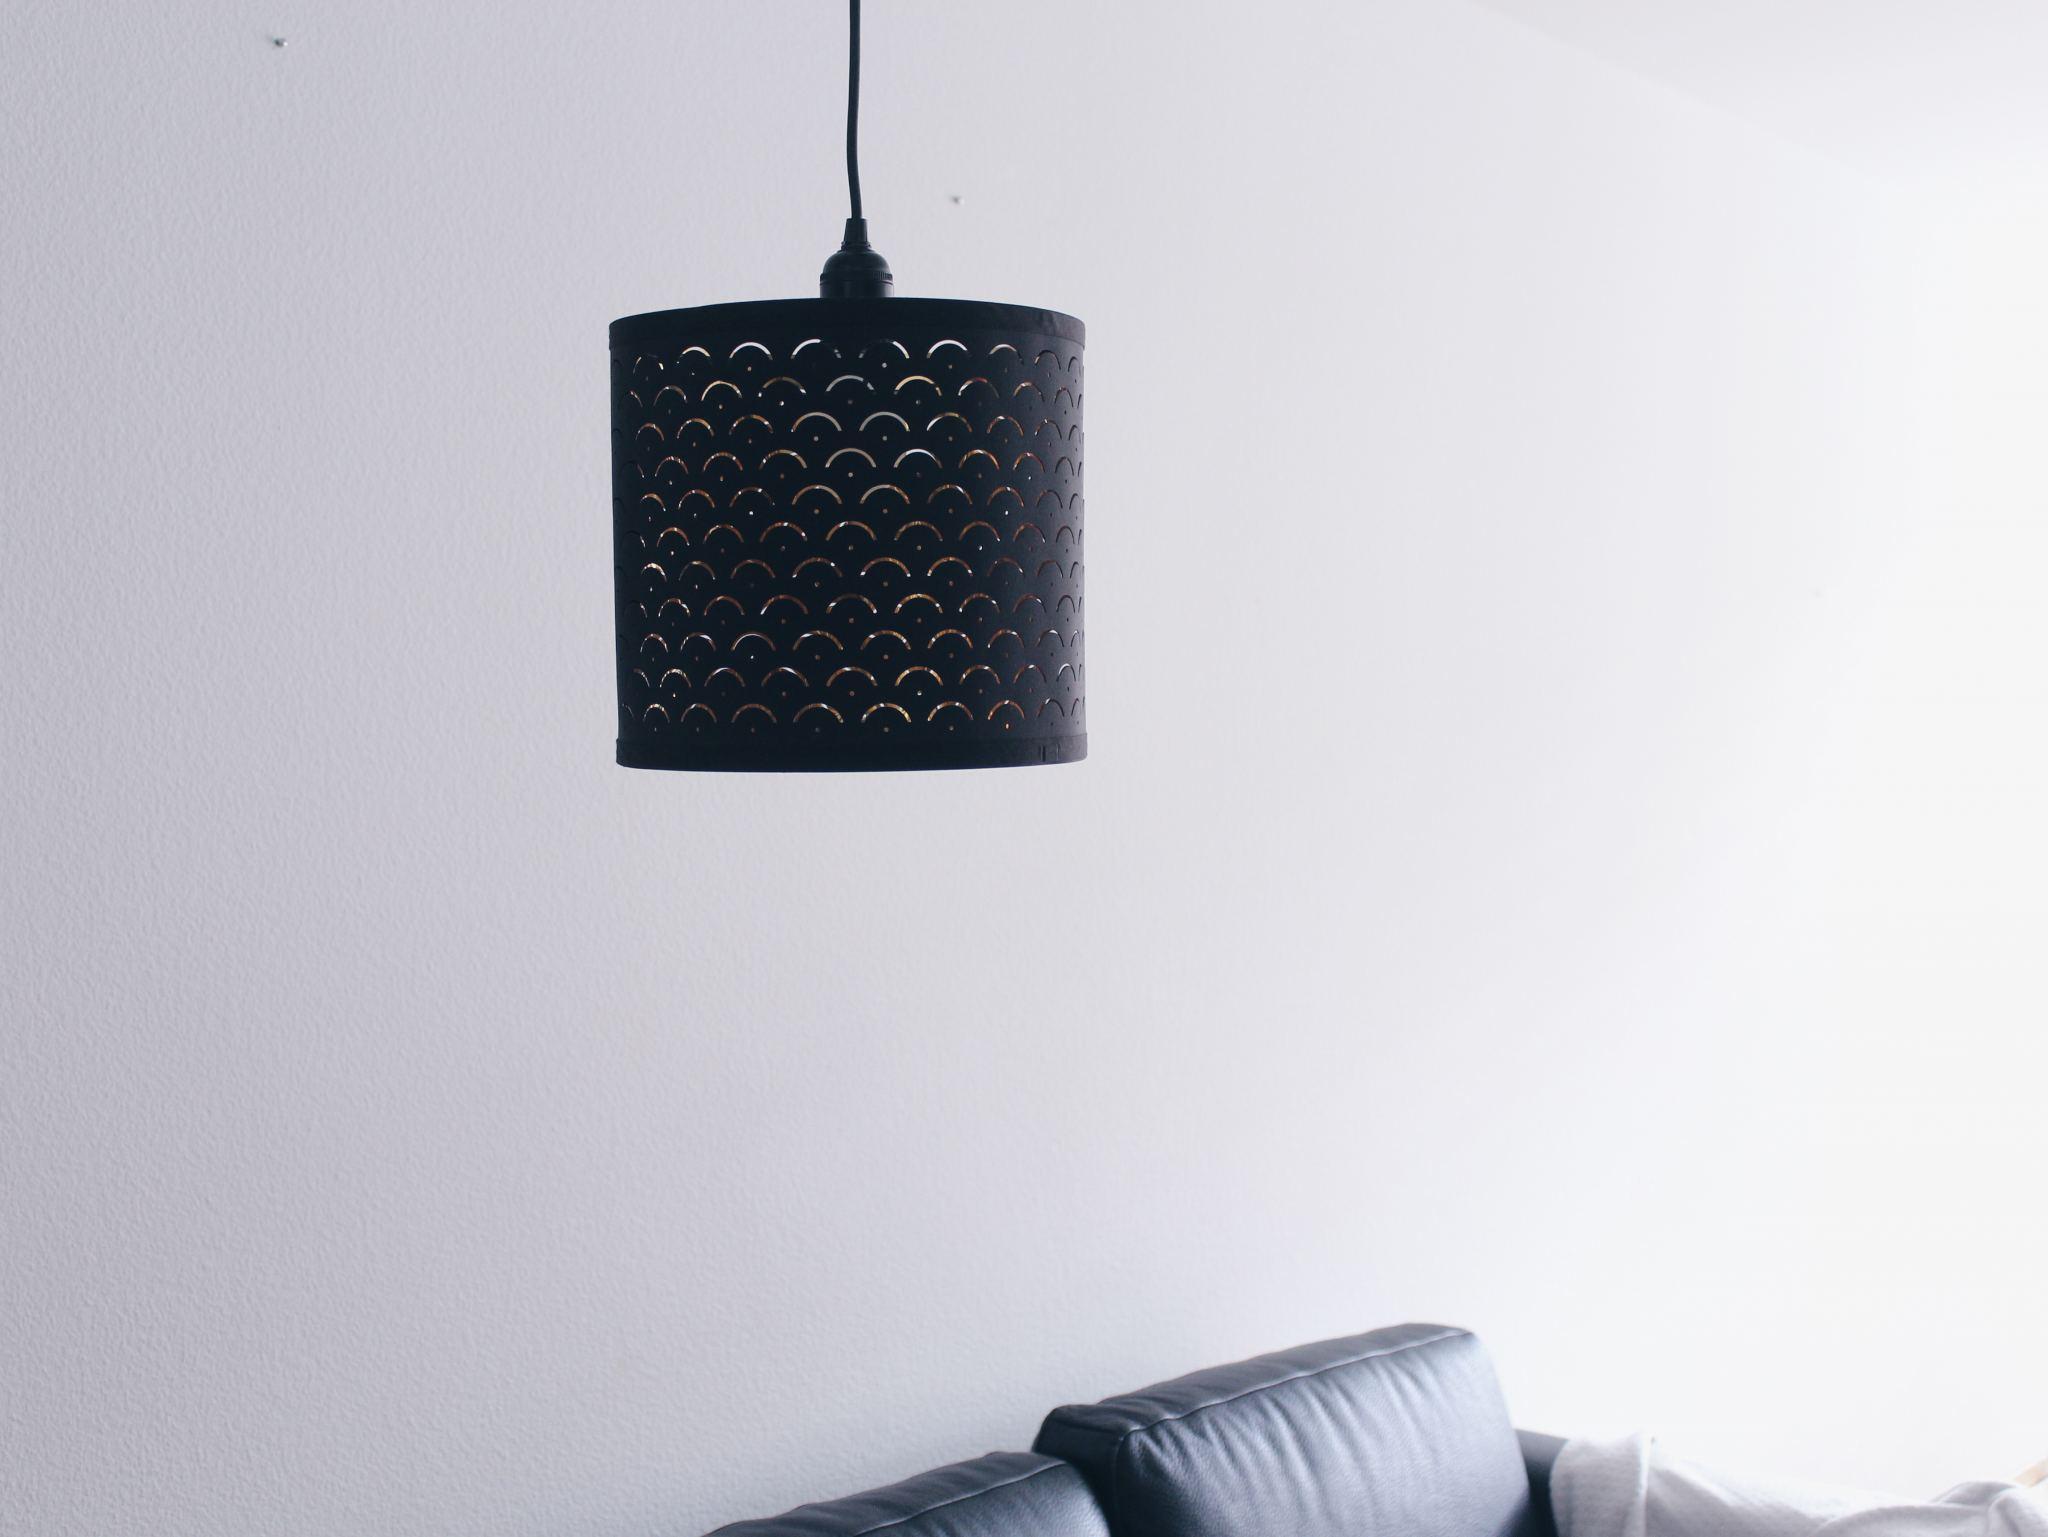 Full Size of Ikea Lampen Sopinklicious Stehlampen Wohnzimmer Betten Bei Küche Kosten Deckenlampen Für Badezimmer Bad Led Schlafzimmer Esstisch 160x200 Miniküche Designer Wohnzimmer Ikea Lampen